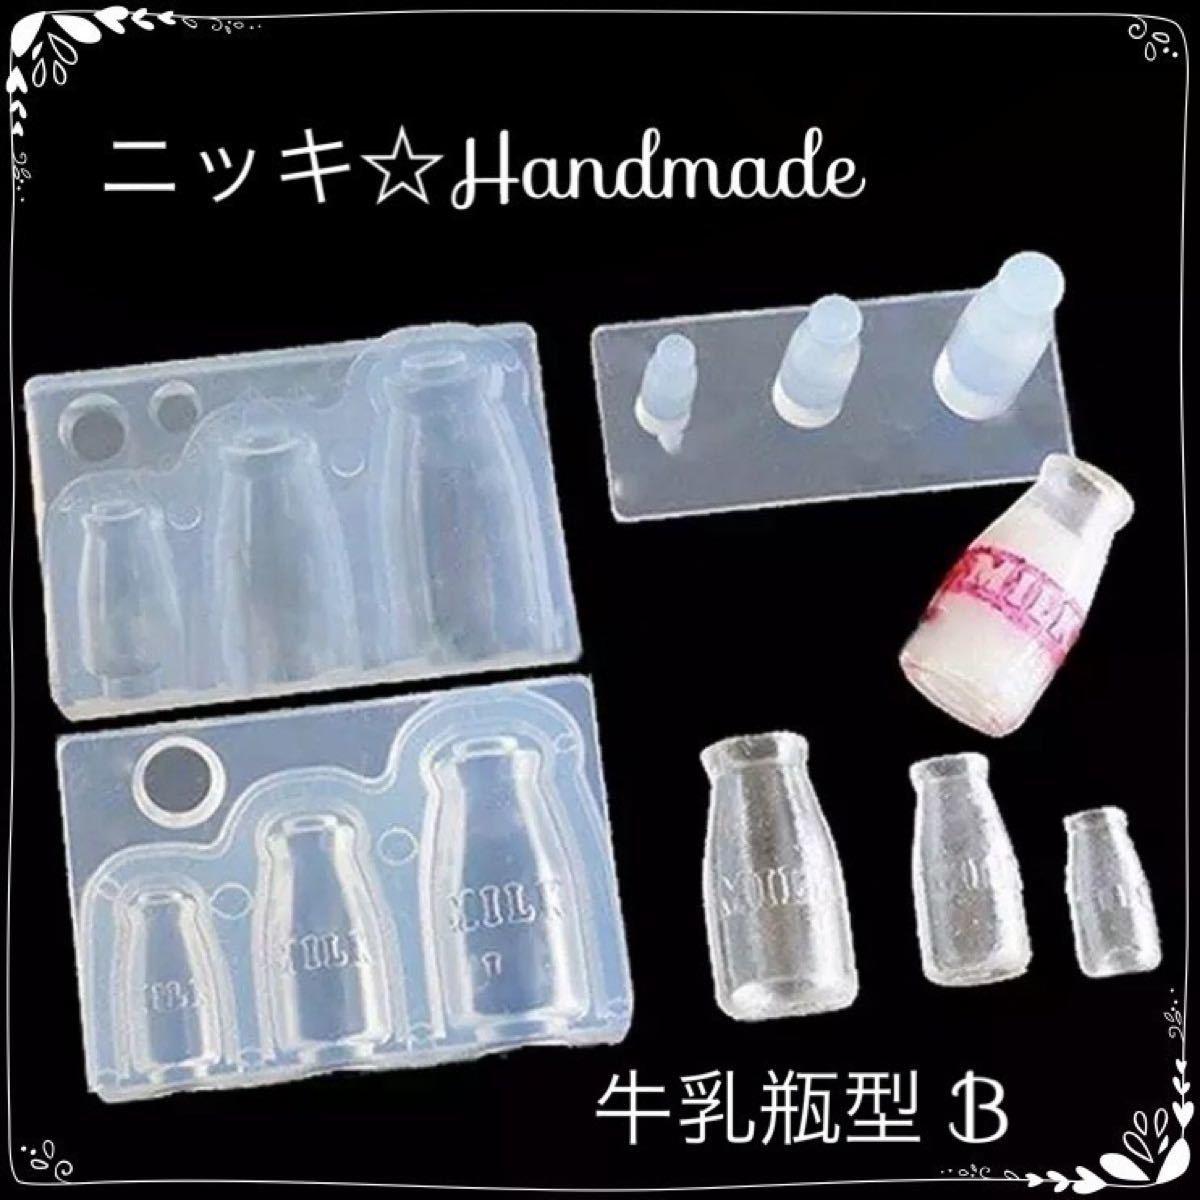 シリコンモールド☆牛乳瓶型 B☆レジン型☆ミニチュアサイズ